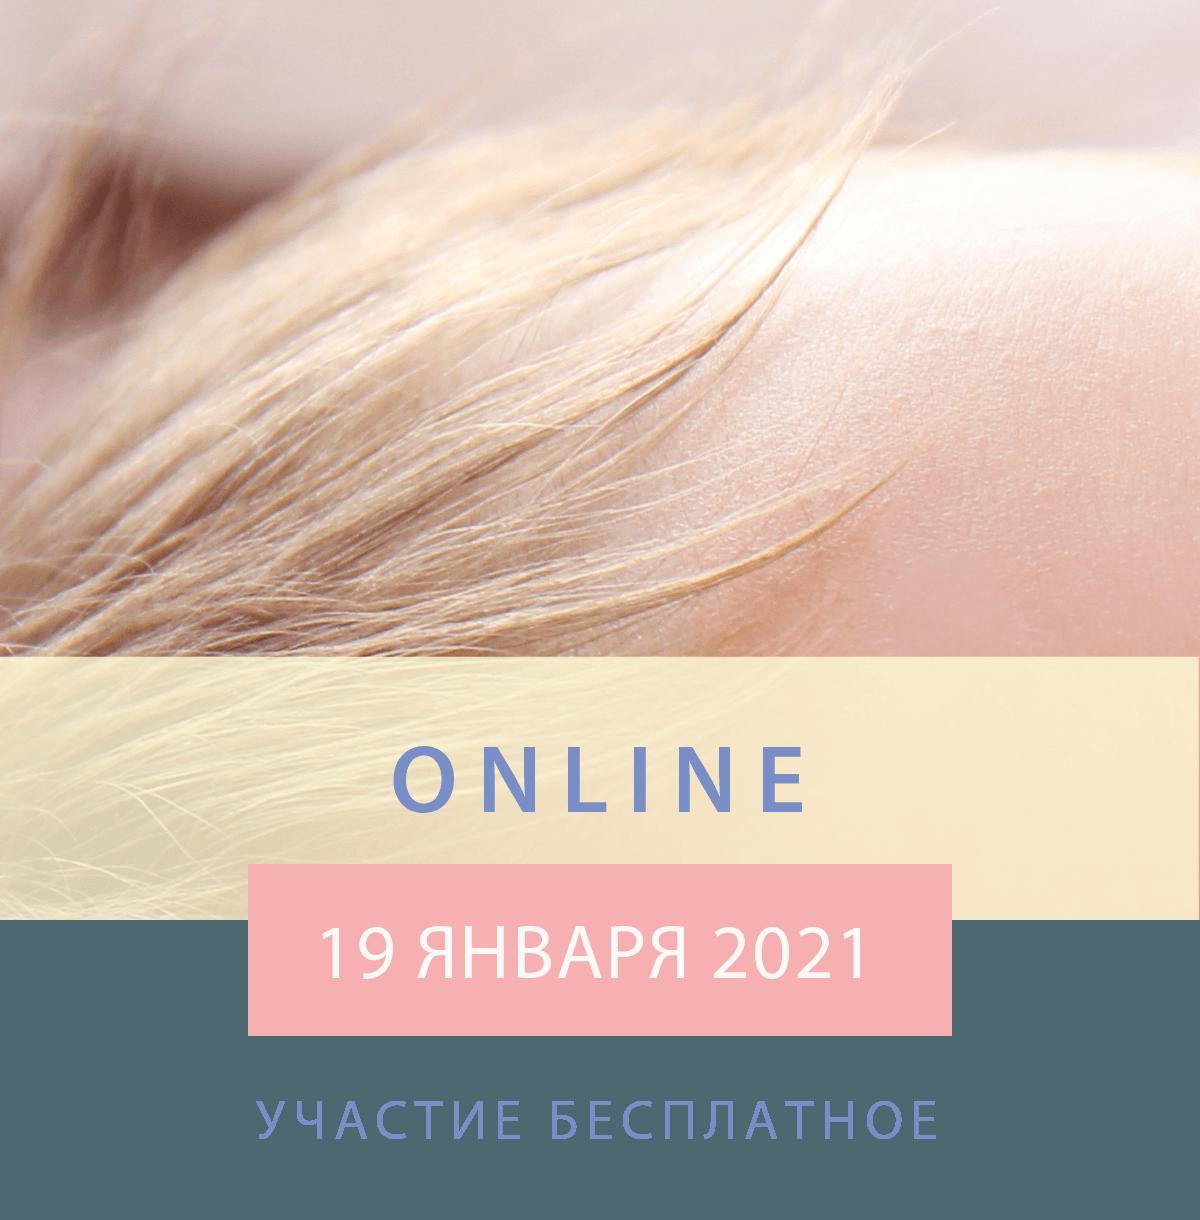 Современные подходы к репродуктивным технологиям Онлайн. 19.01.2021